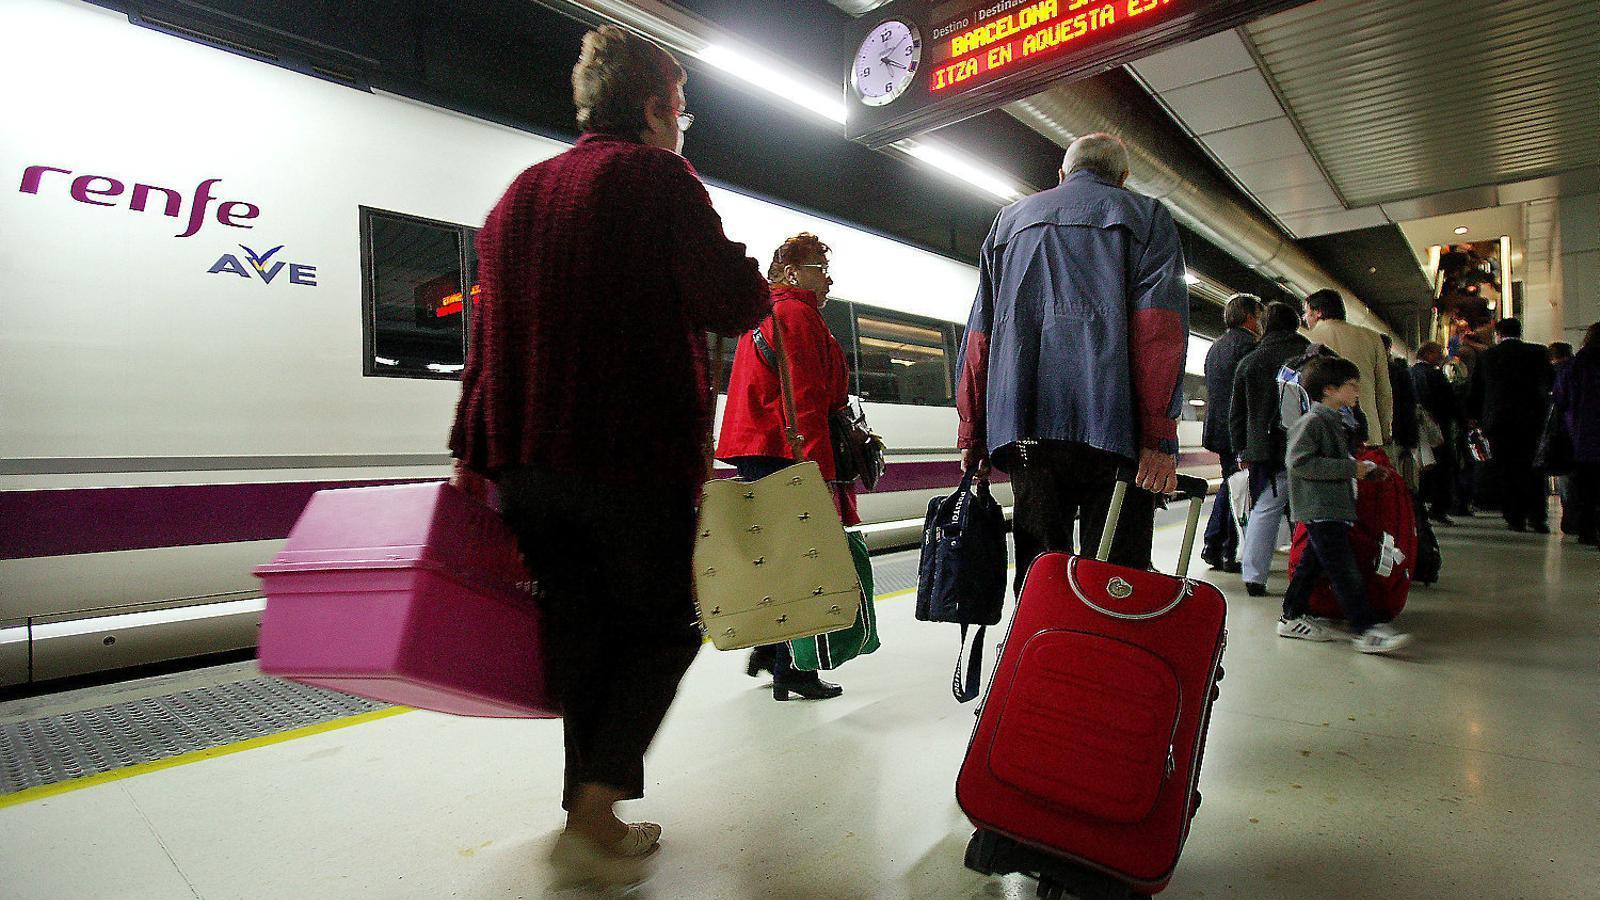 L'estació de Sants, en una imatge d'arxiu, és el punt d'origen i d'arribada de l'AVE a Barcelona. / PERE TORDERA